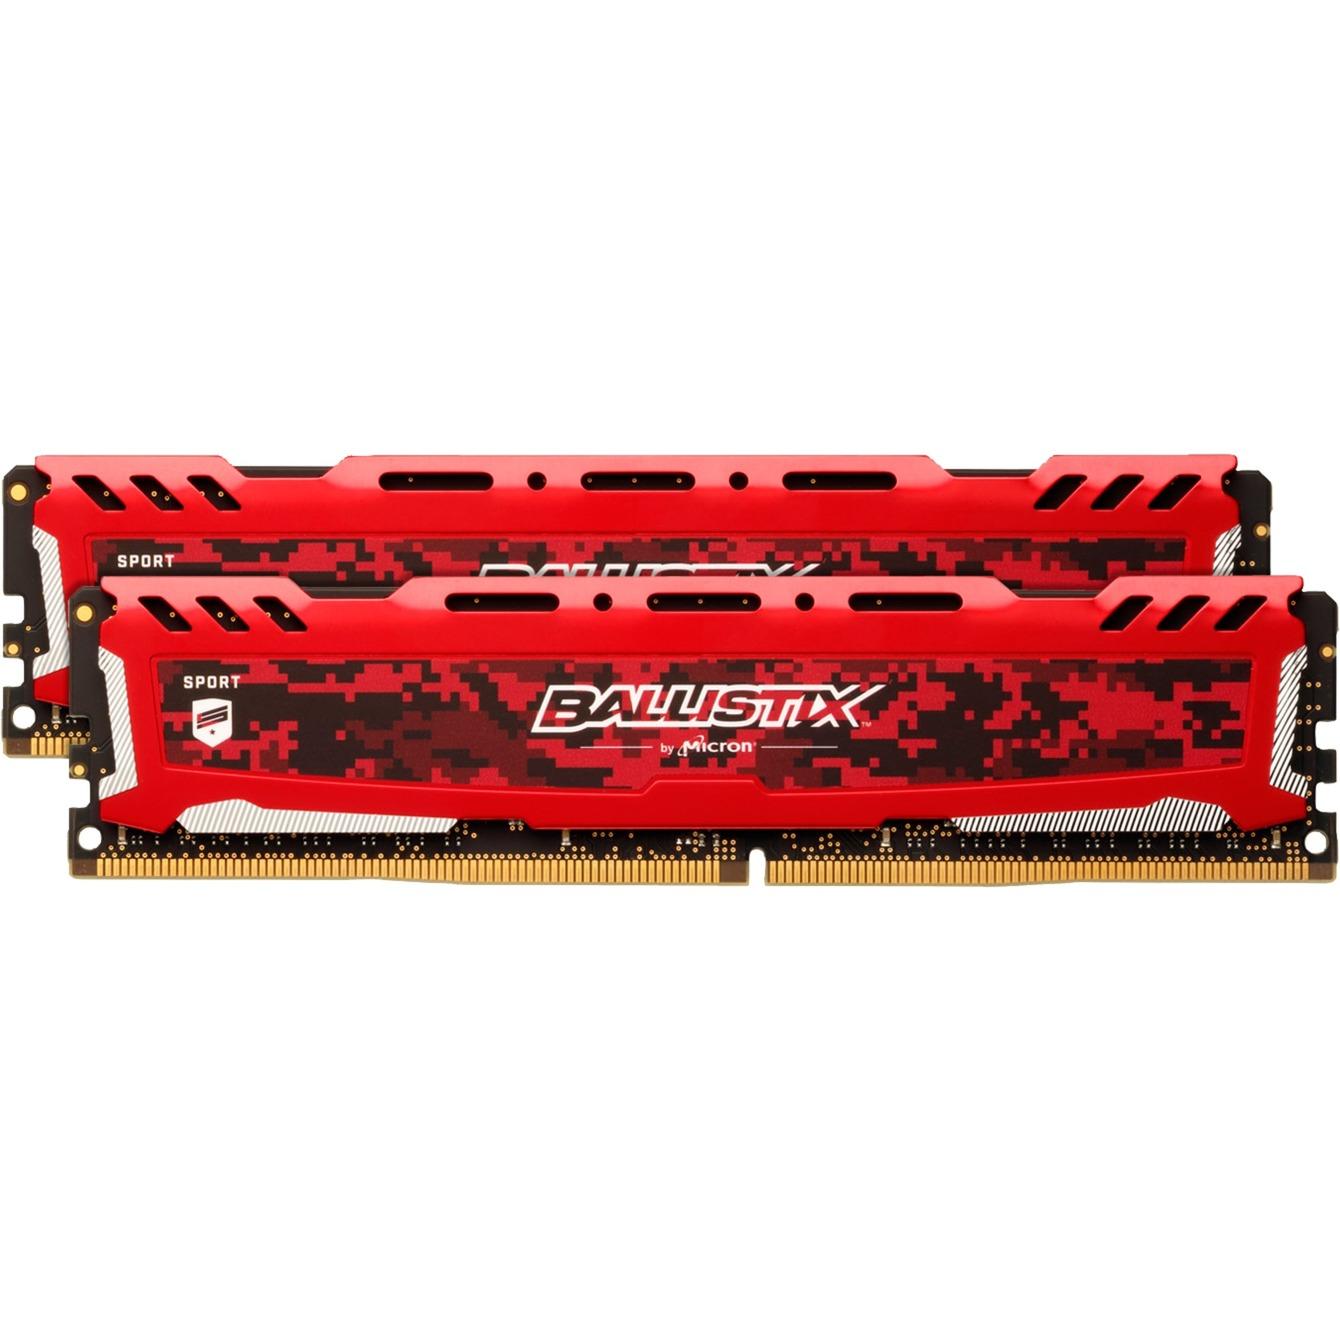 8GB DDR4-2400 8GB DDR4 2400MHz módulo de memoria, Memoria RAM